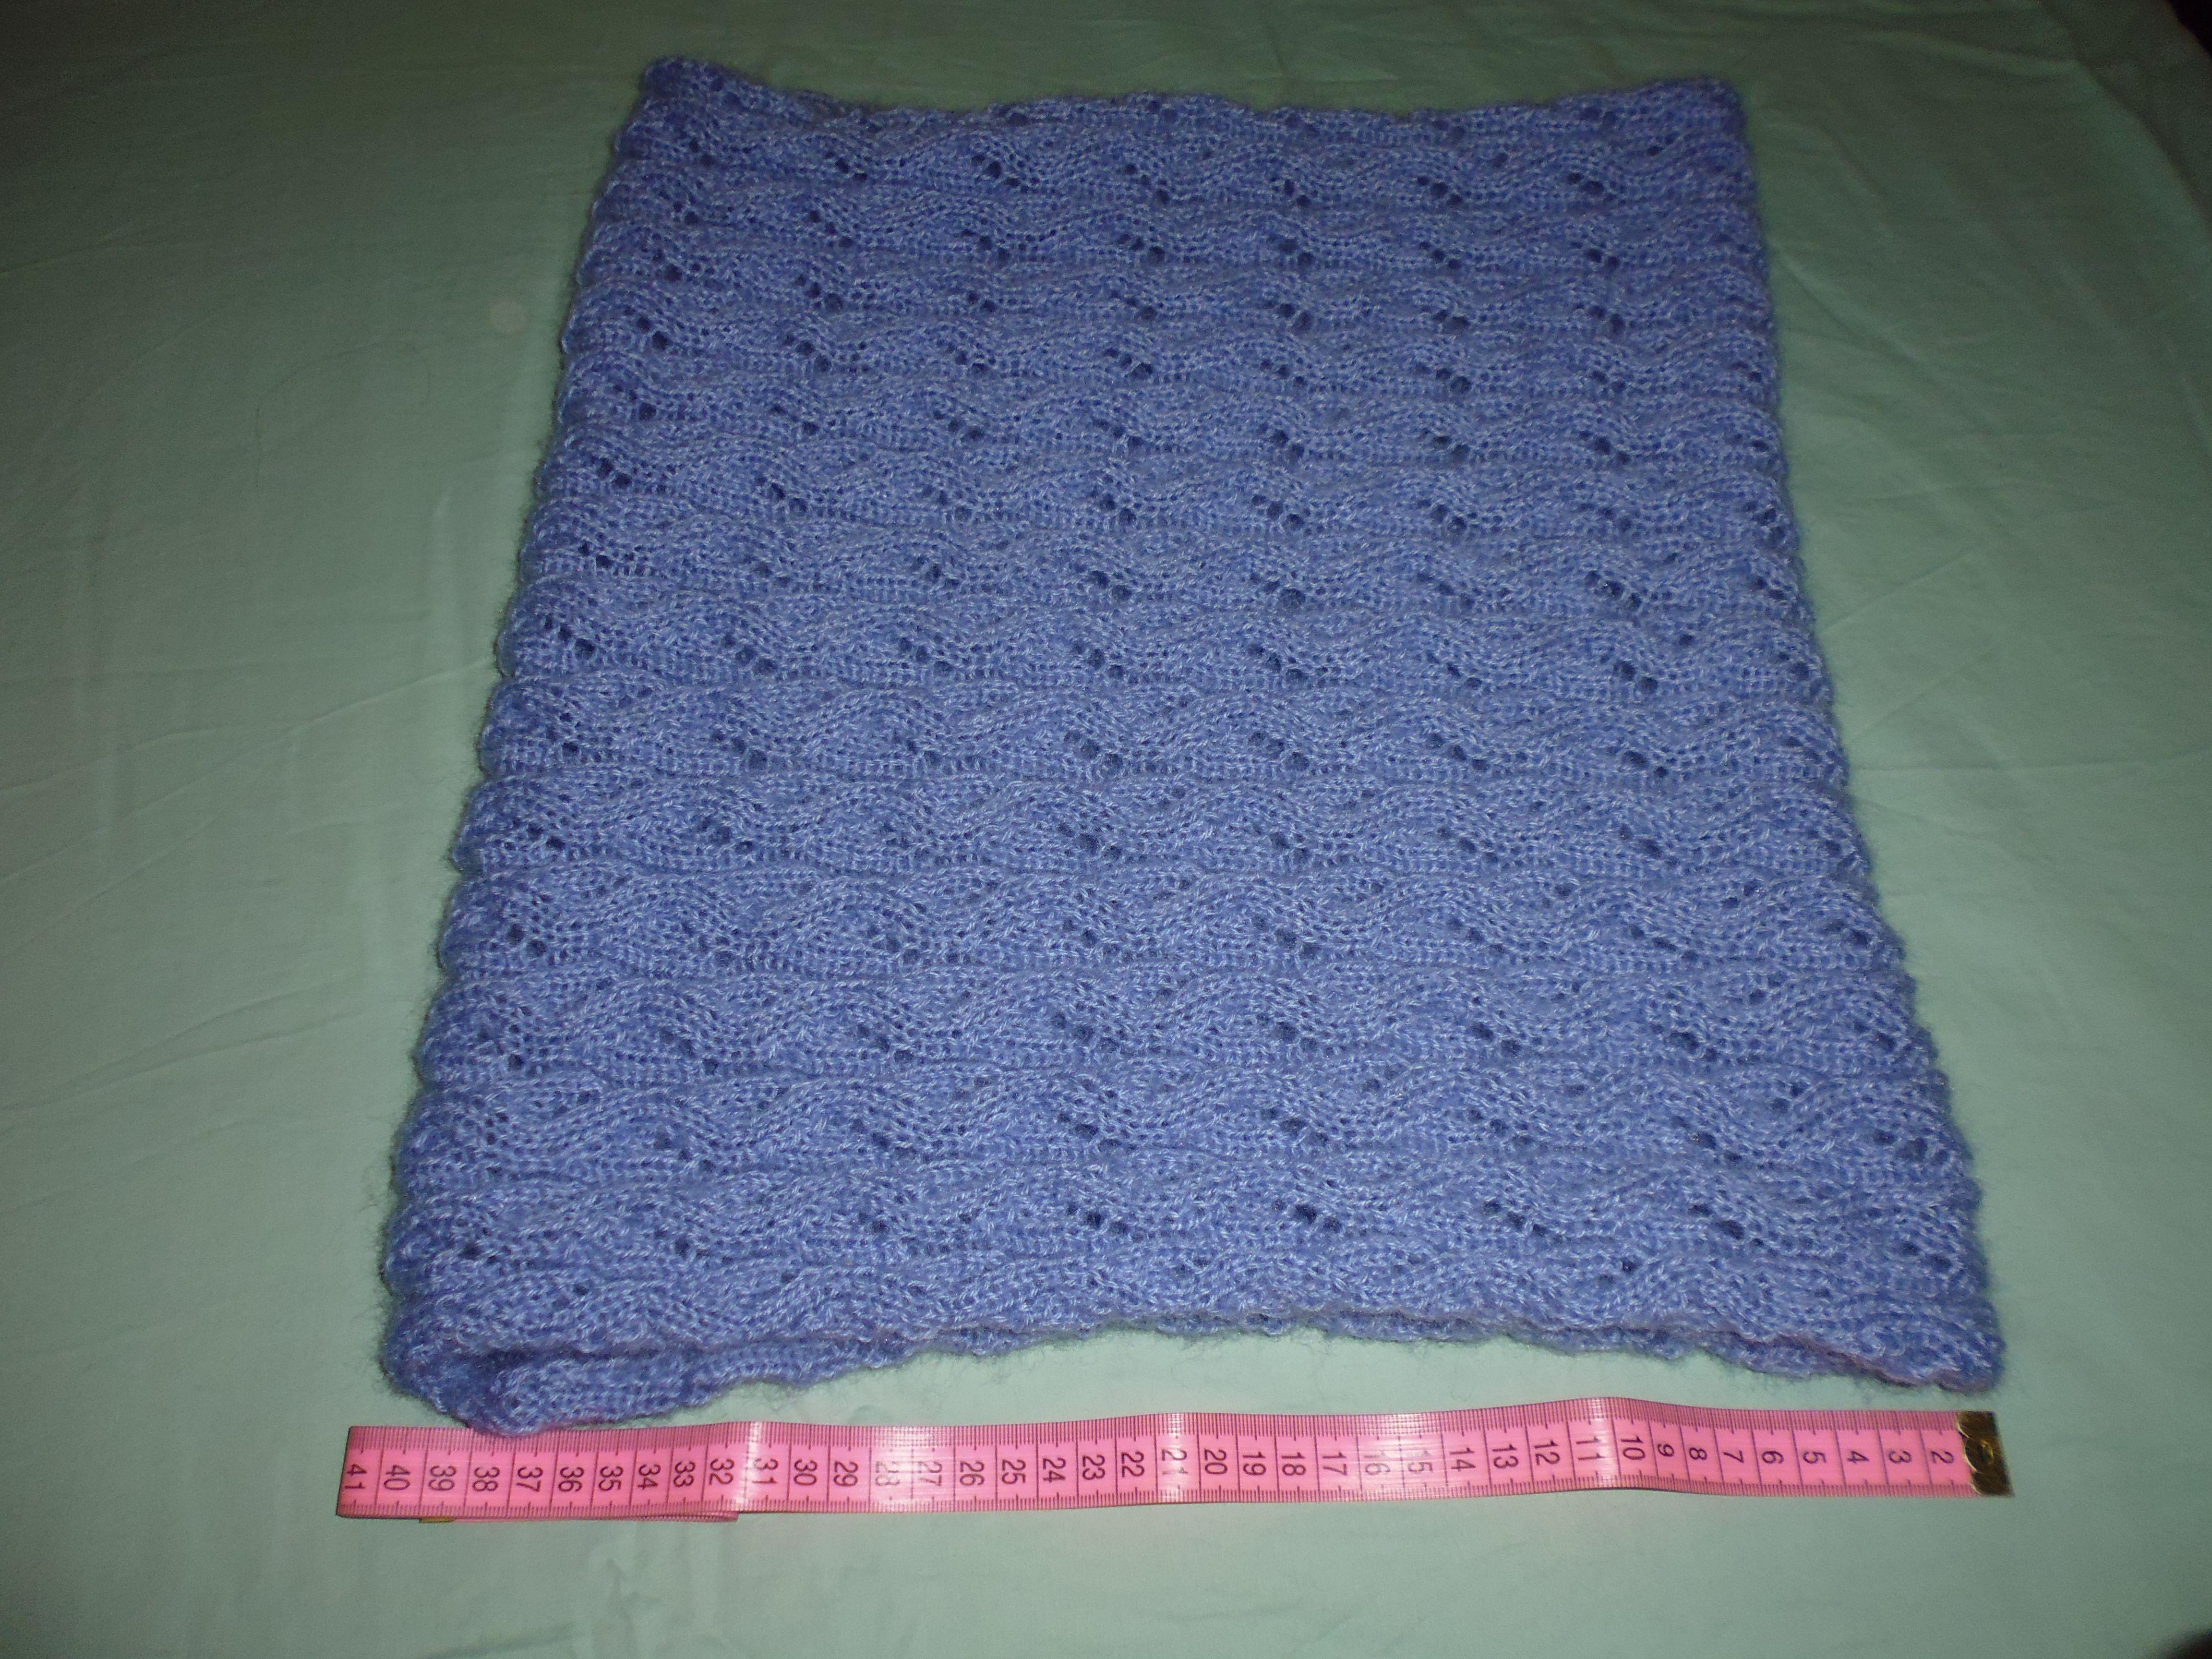 снуд вязаные вязанное вязаннаяшапка шапка kniting knitting вязаниеназаказ